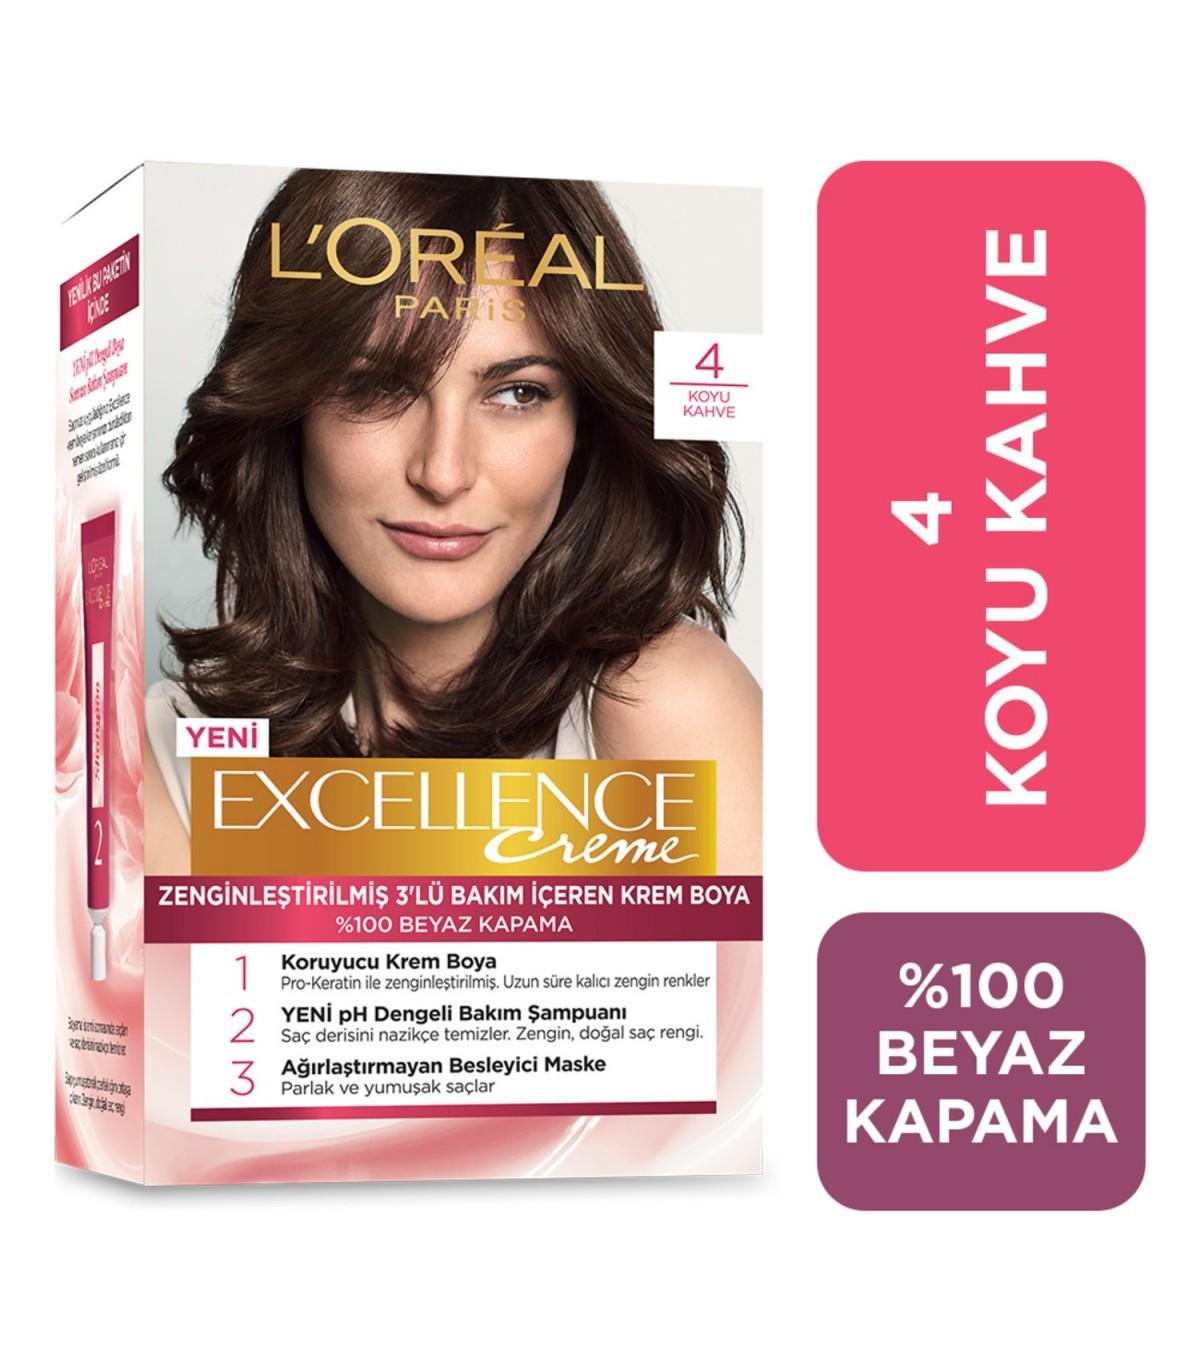 Loreal کیت رنگ مو اکسلنس شماره 4 اورآل